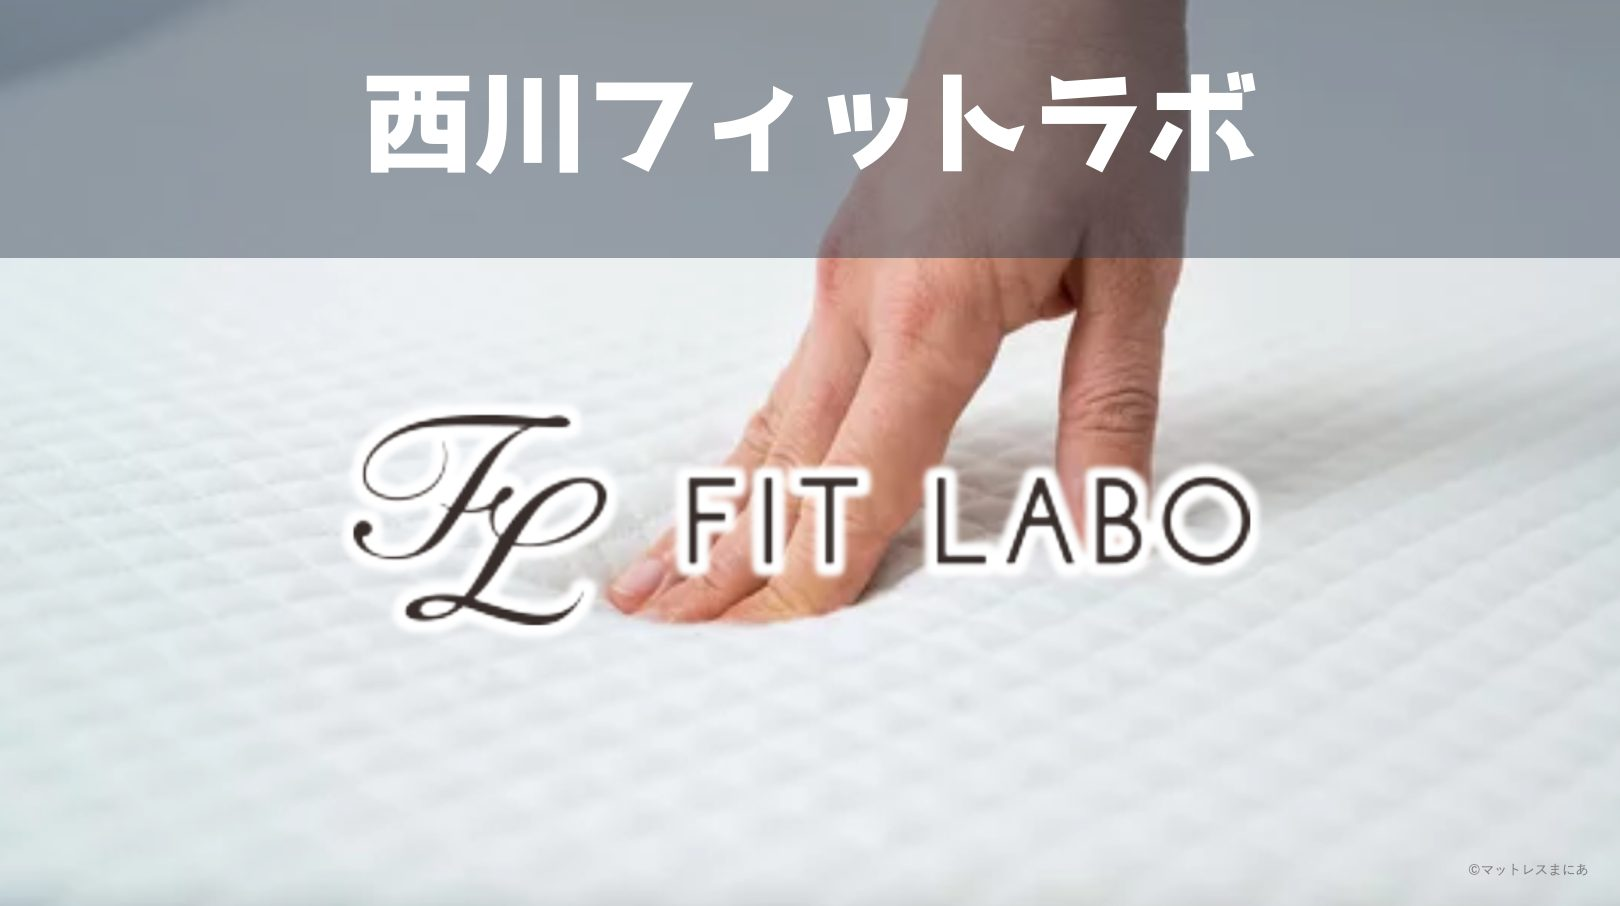 東京西川フィットラボ(FIT LABO)マットレスの口コミ評判|キューブやウェーブの違い